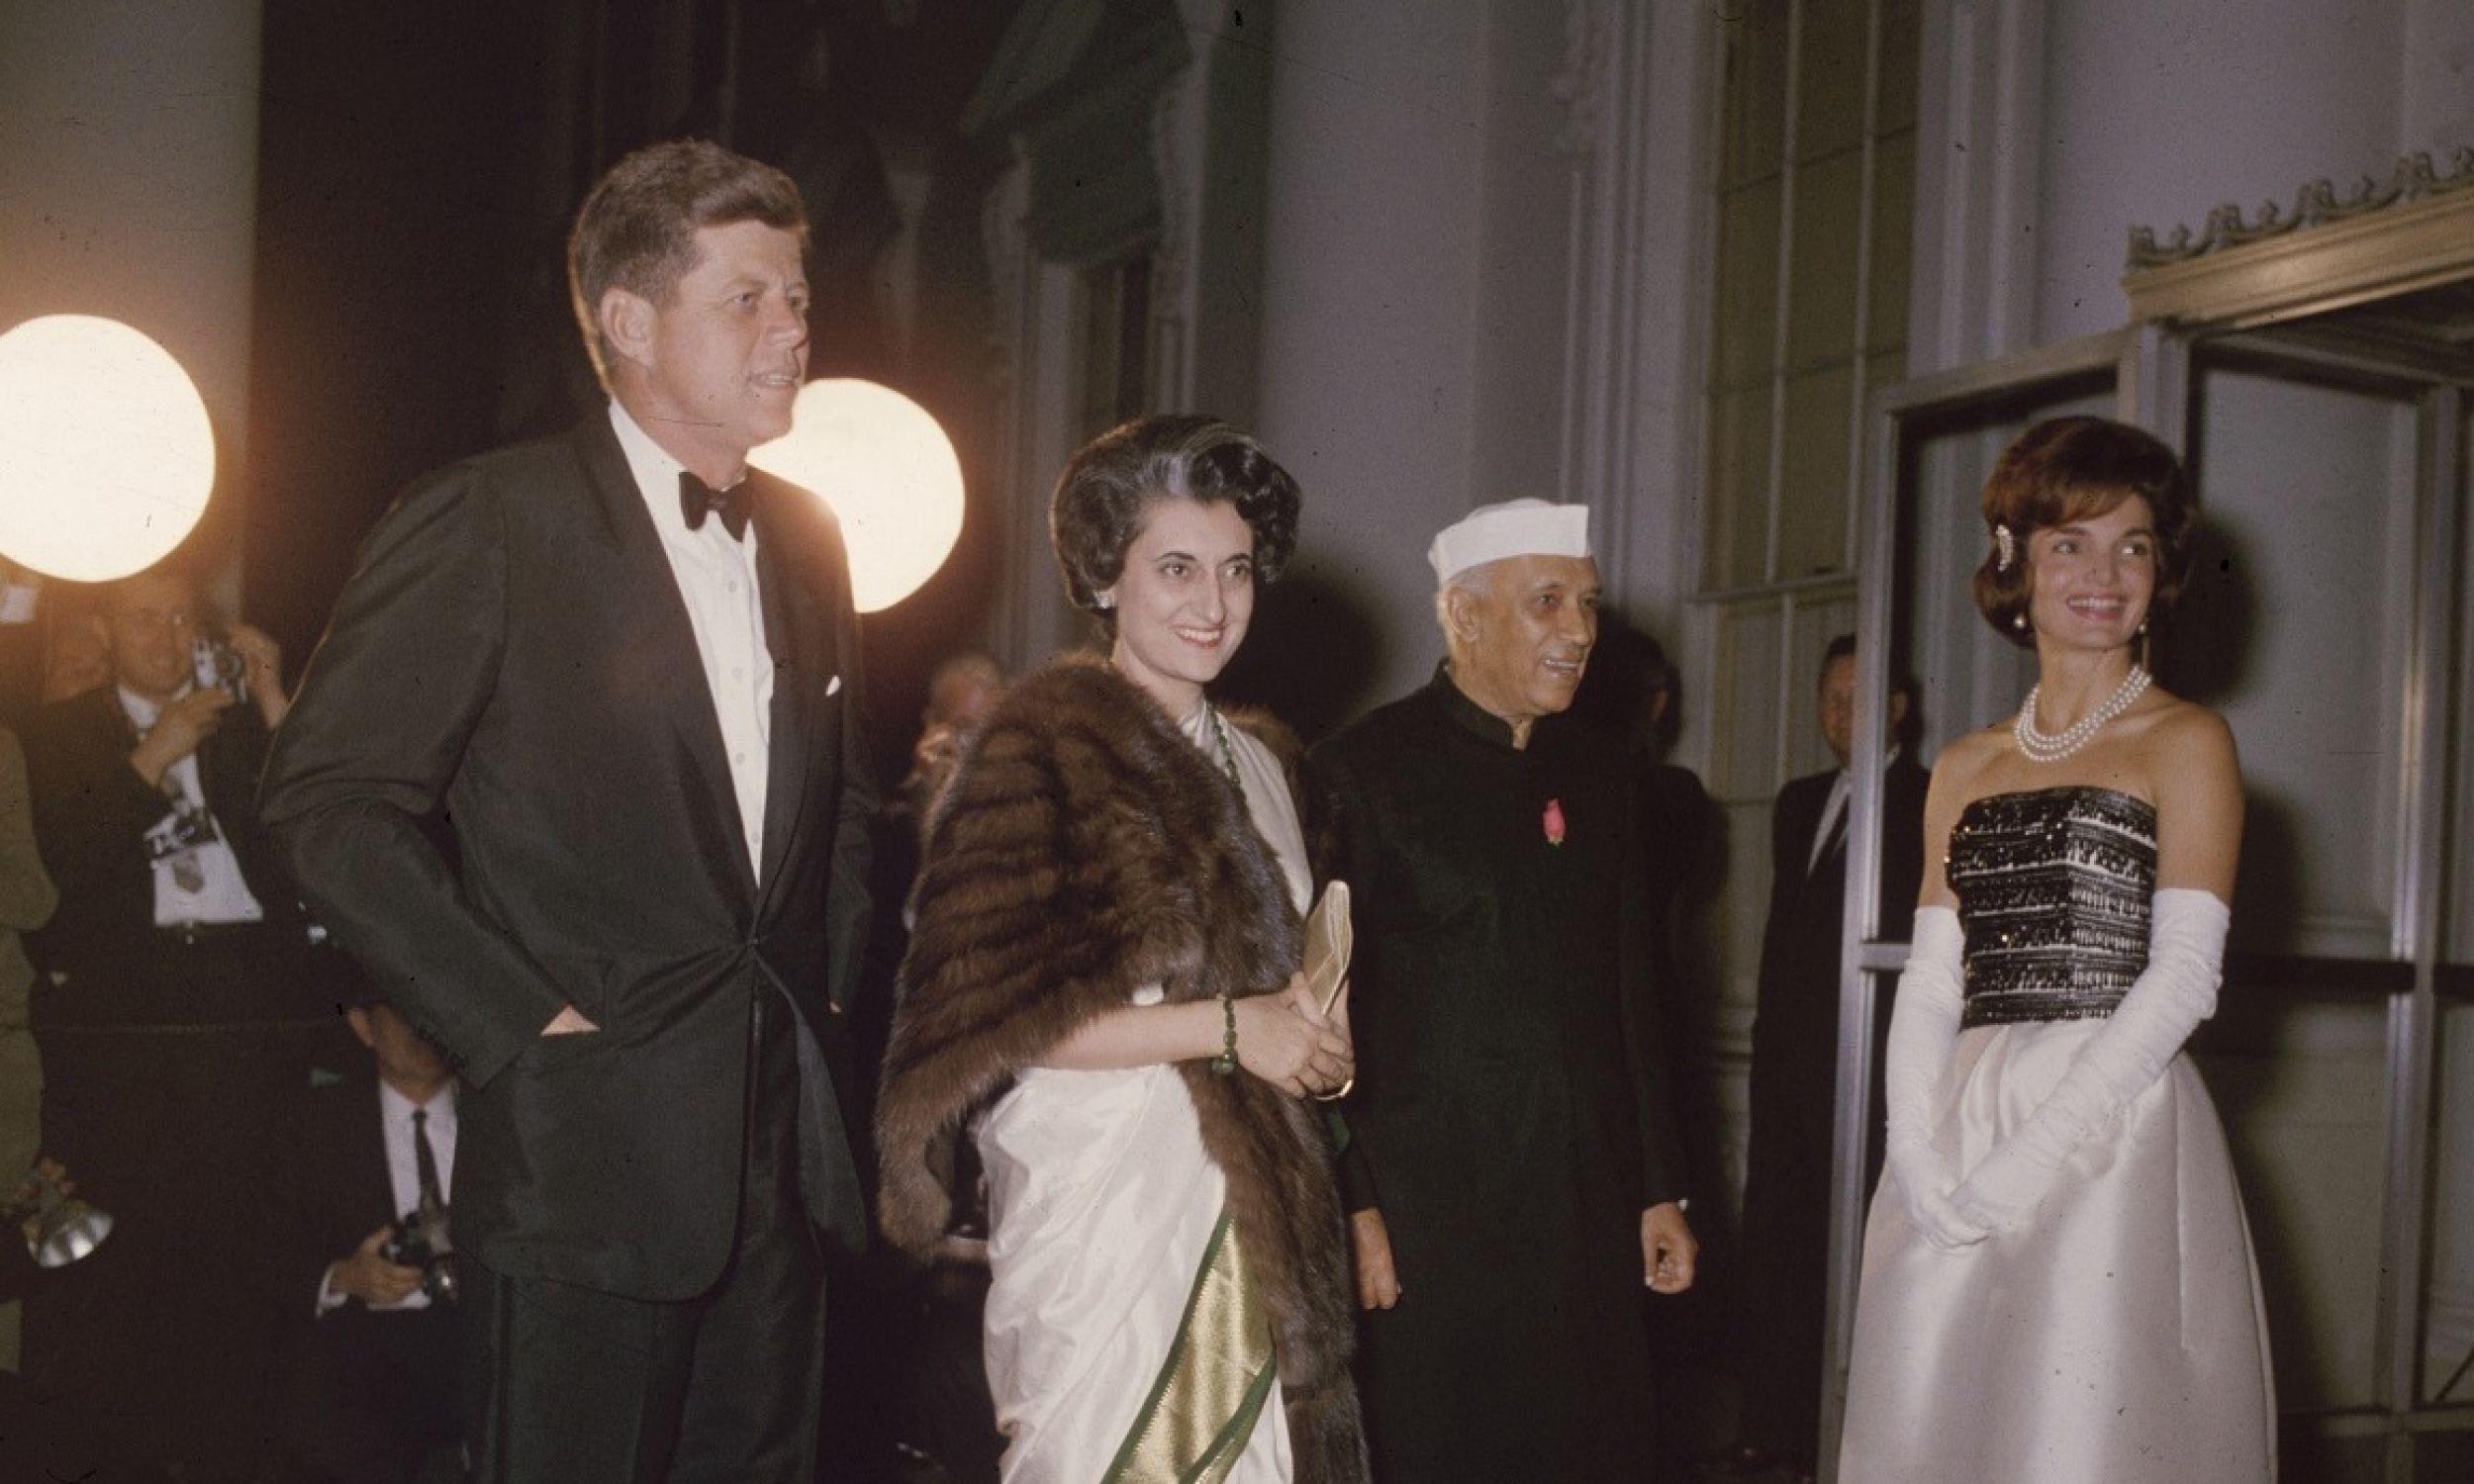 Prezydent USA John F. Kennedy z żoną Jackie goszczą pierwszego premiera Indii Jawaharlala Nehru i jego córkę, późniejszą trzecią premier tego państwa Indirę Gandhi. 1961 rok. Fot. Hulton Archive/Getty Images